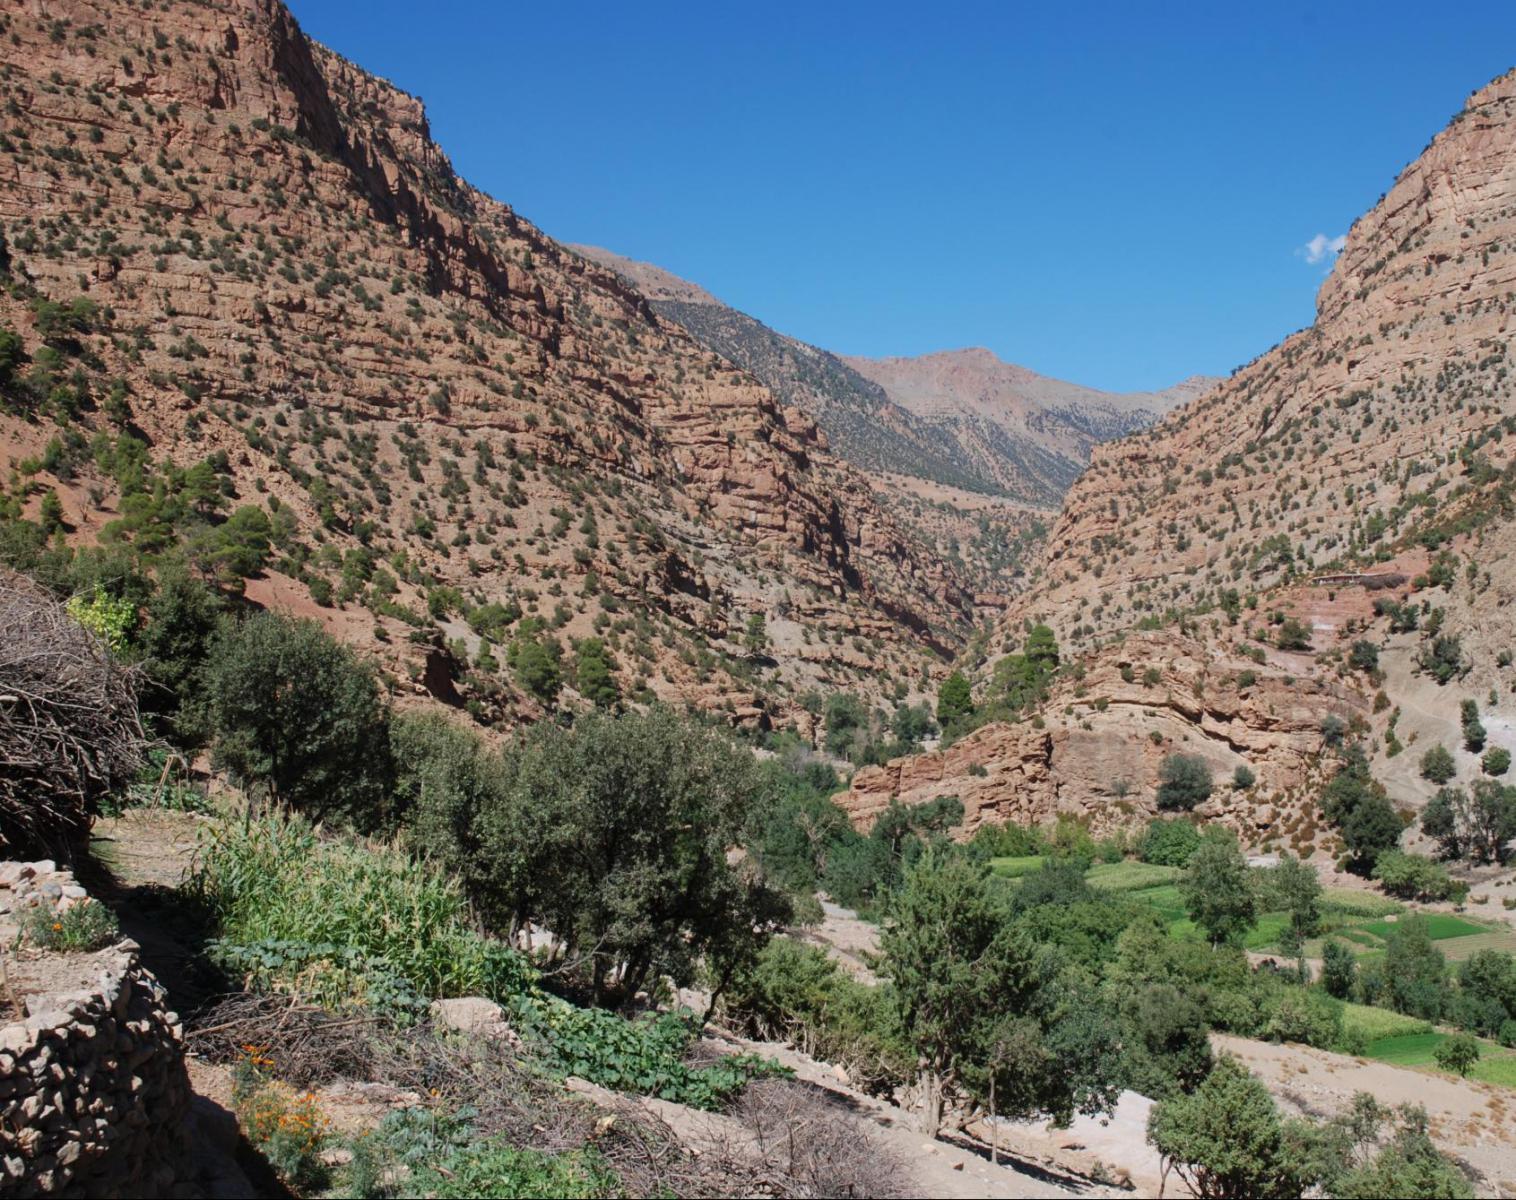 Maroc  Hautes vallées de l'Atlas Central   Trek & Randonnée Observation nature Rencontres et cultures du Monde